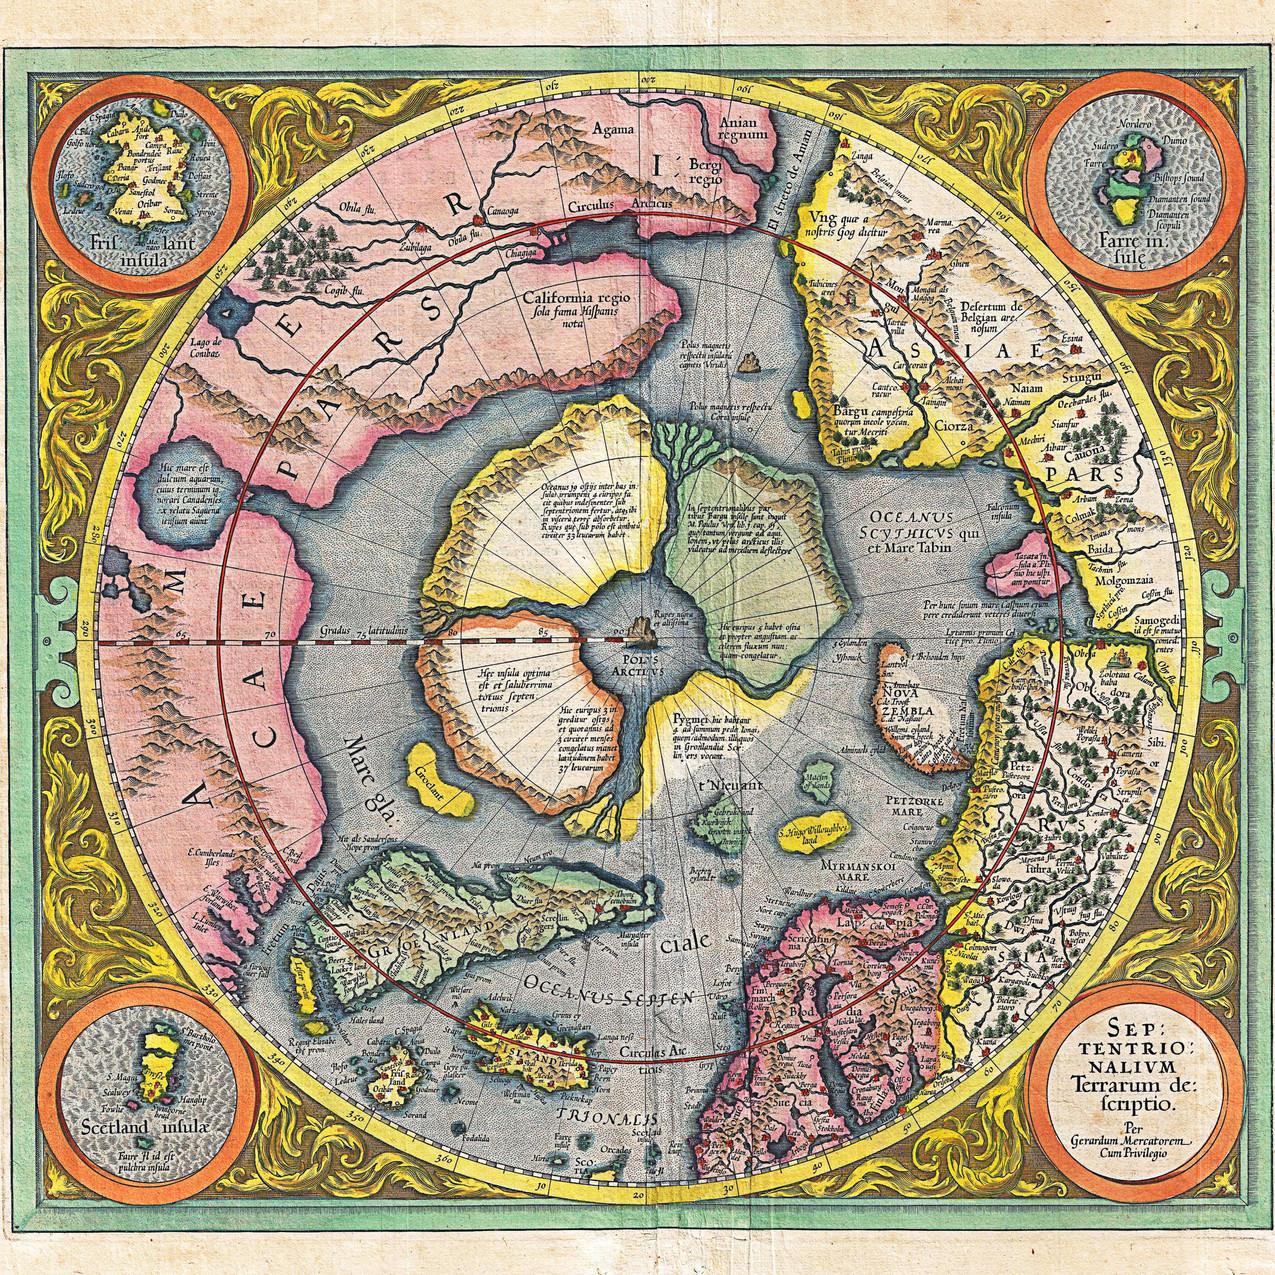 2!1606_Mercator_Hondius_Map_of_the_Arctic_(First_Map_of_the_North_Pole)_-_1628 Septentrionalium Terrarum Descriptio Per Gerardum Mercatorem Cum Privilegio